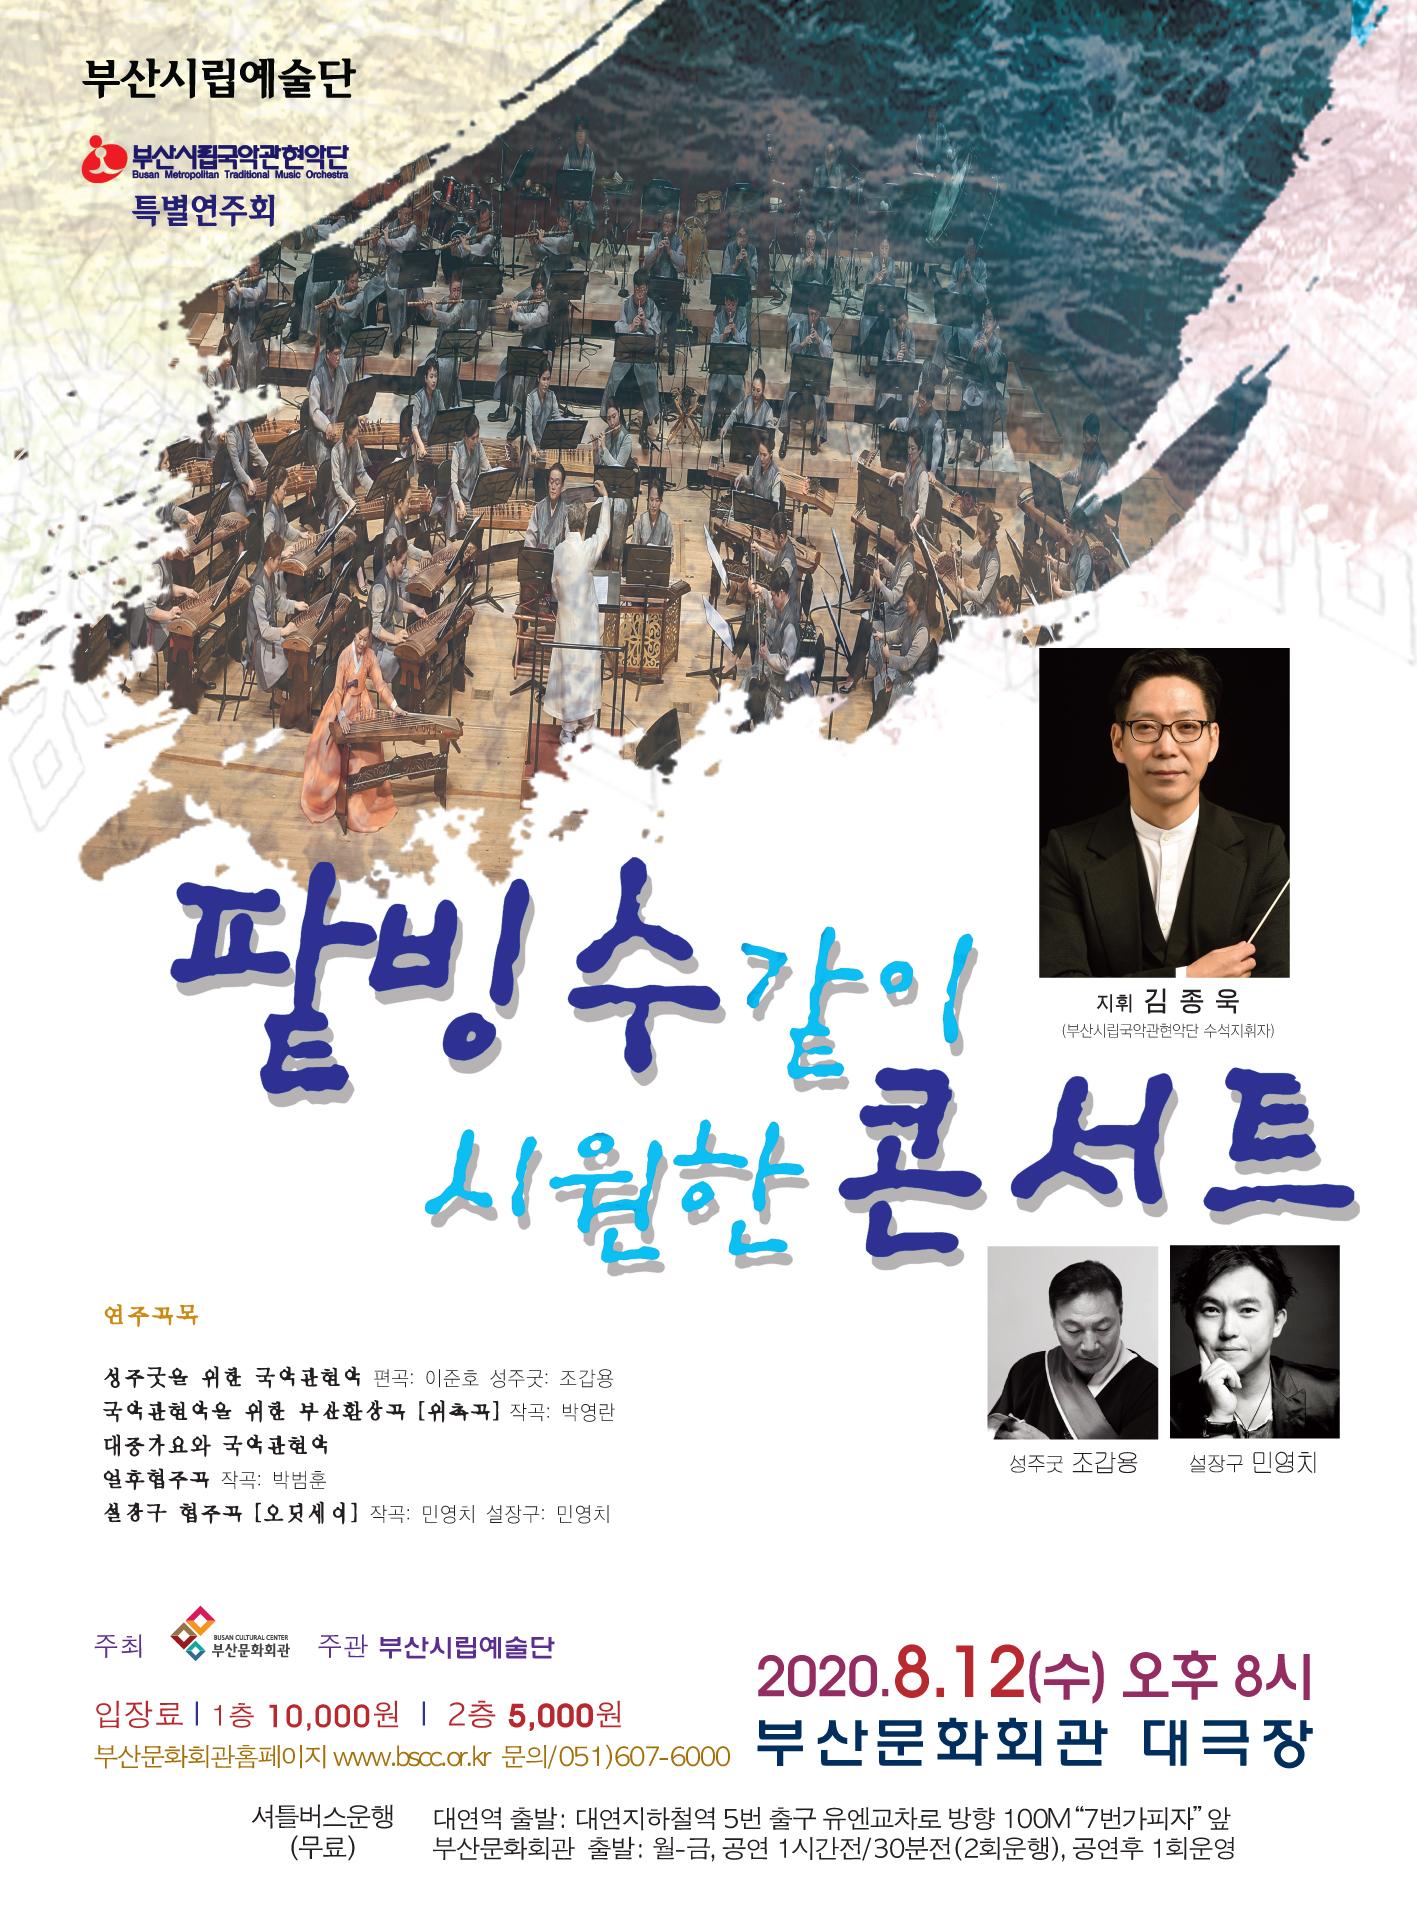 부산시립국악관현악단 특별연주회'팥빙수 같이 시원한 콘서트'